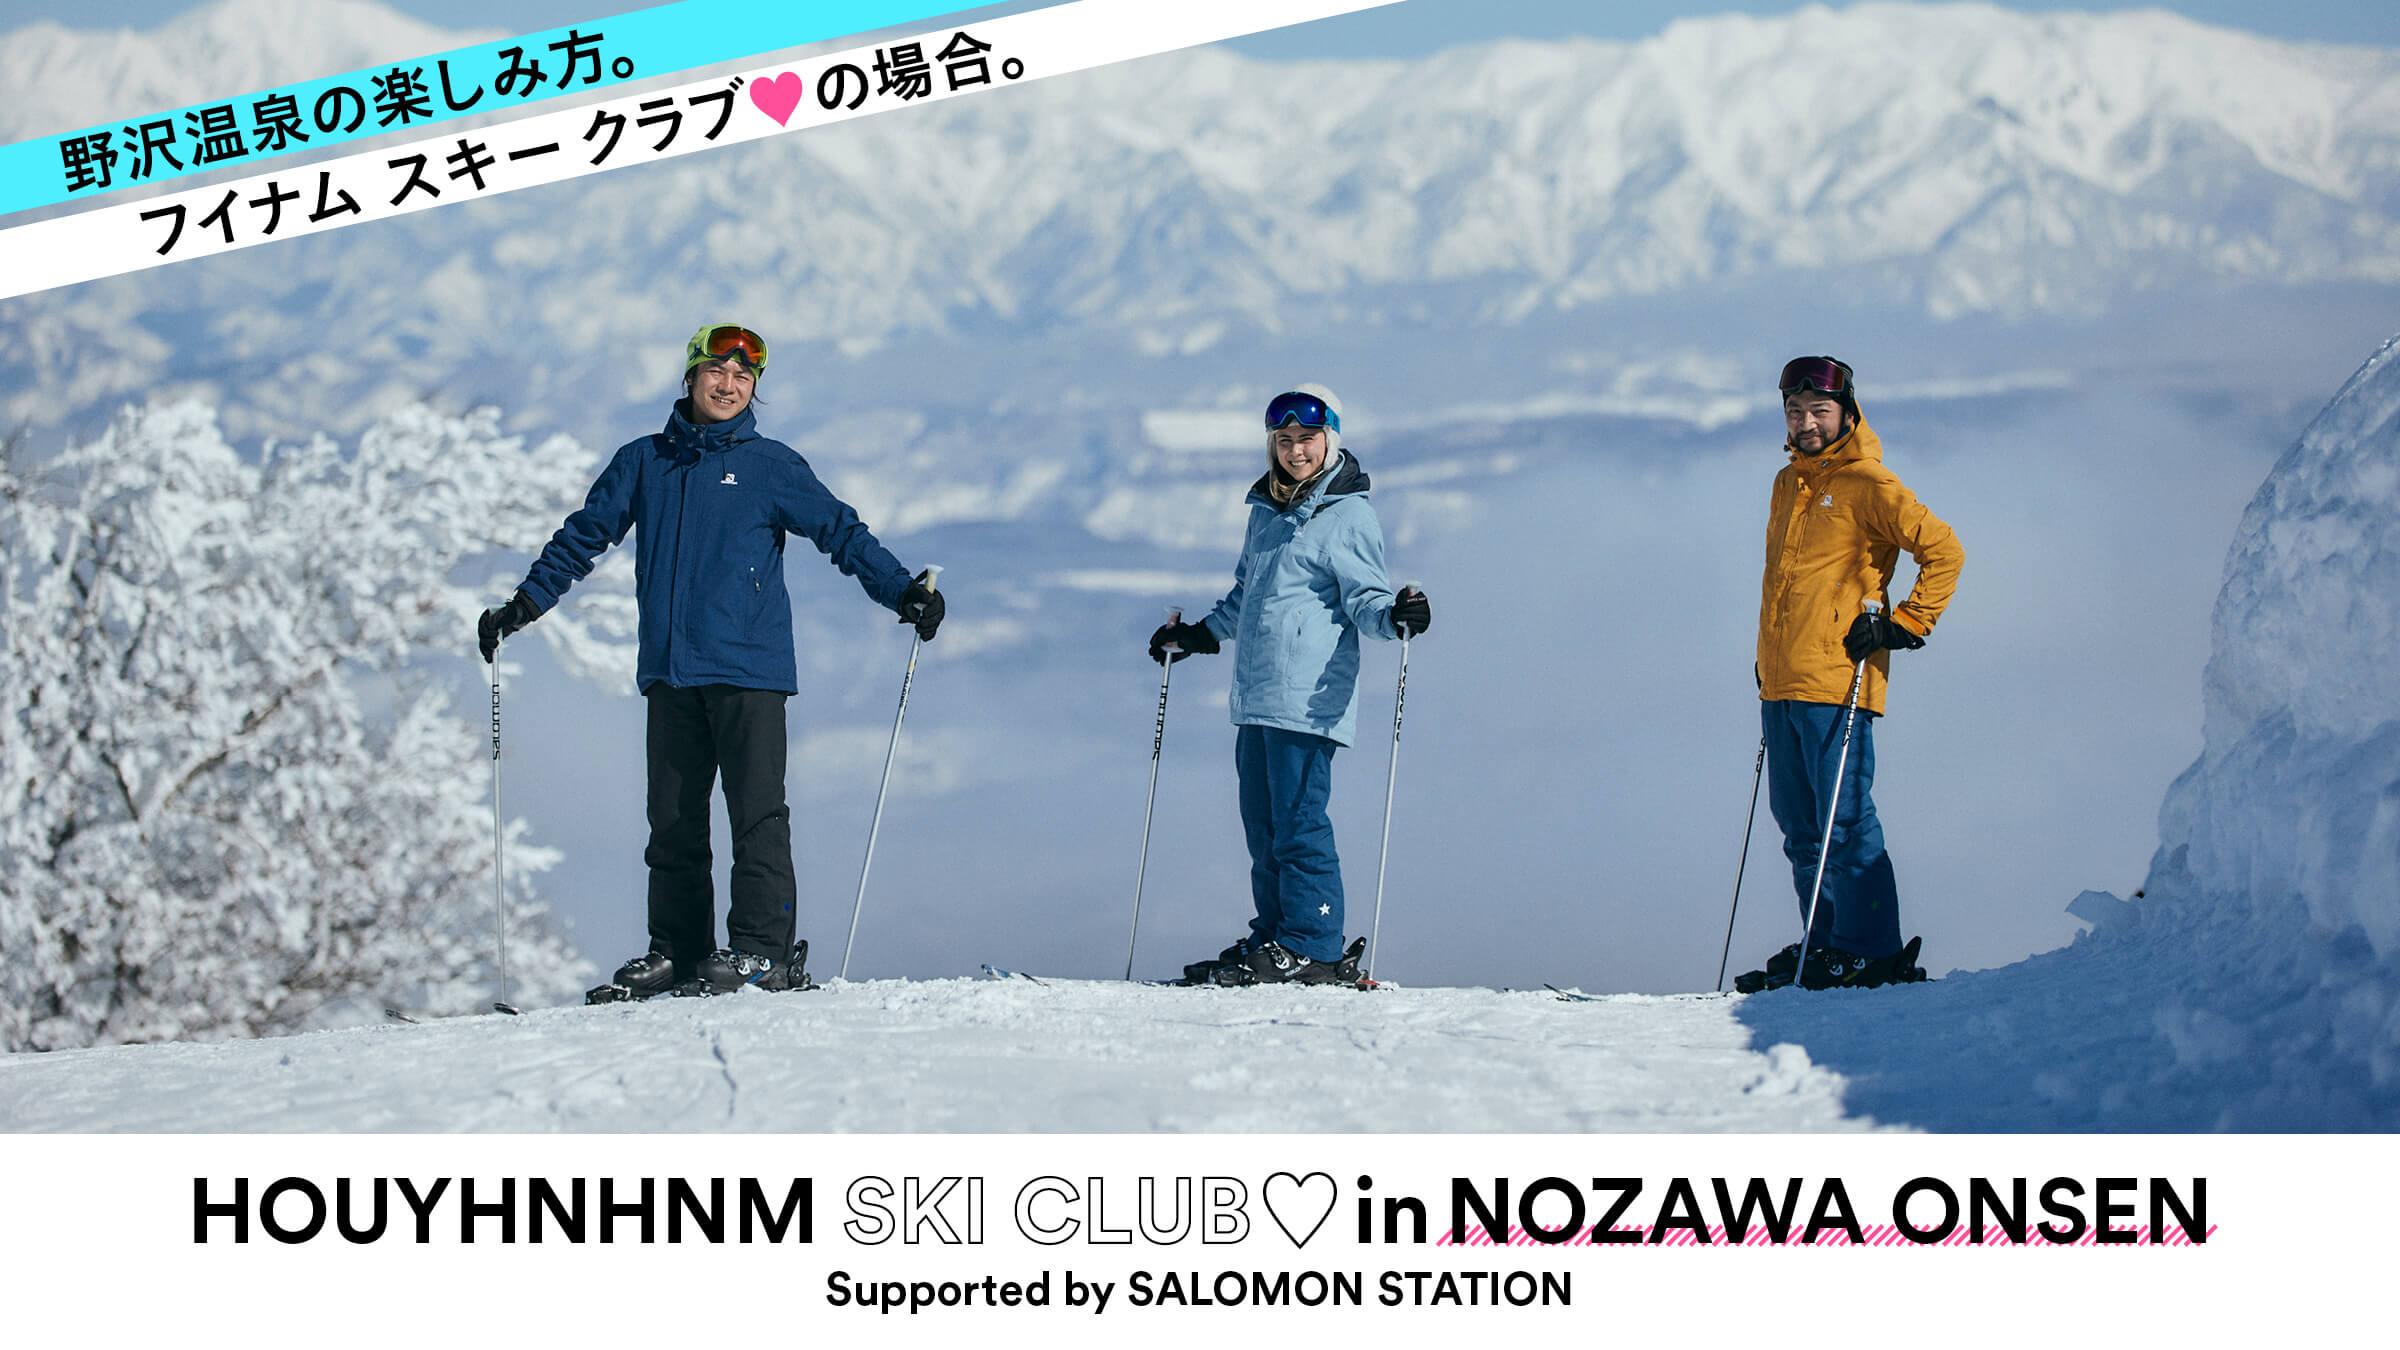 野沢温泉の楽しみ方。フイナム スキー クラブ♡の場合。